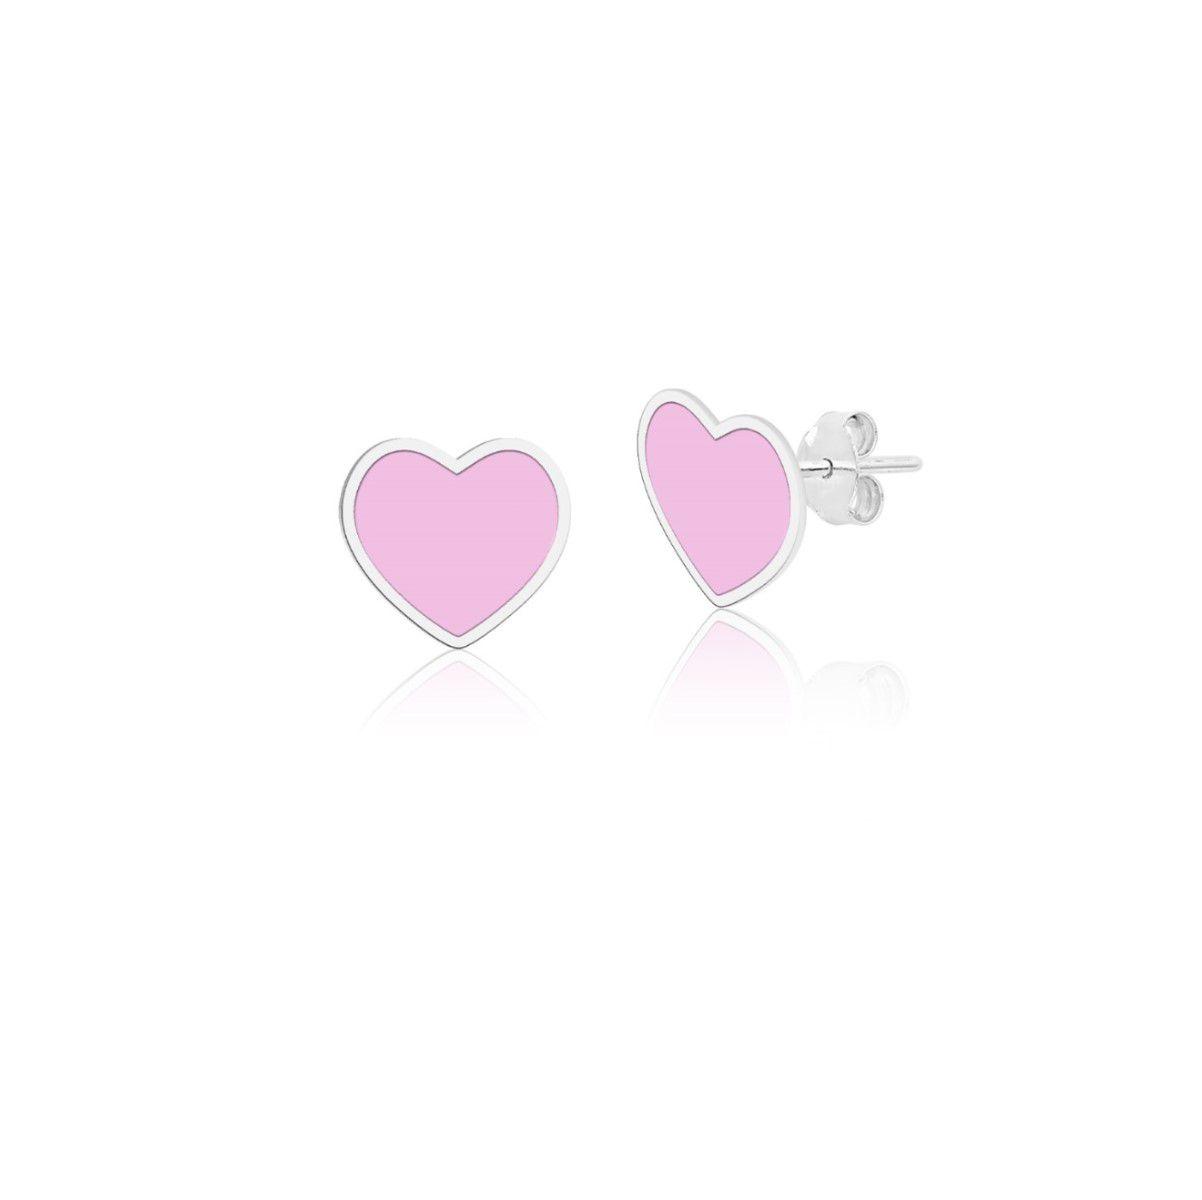 Brinco Coração Rosa Esmaltado 4 MM